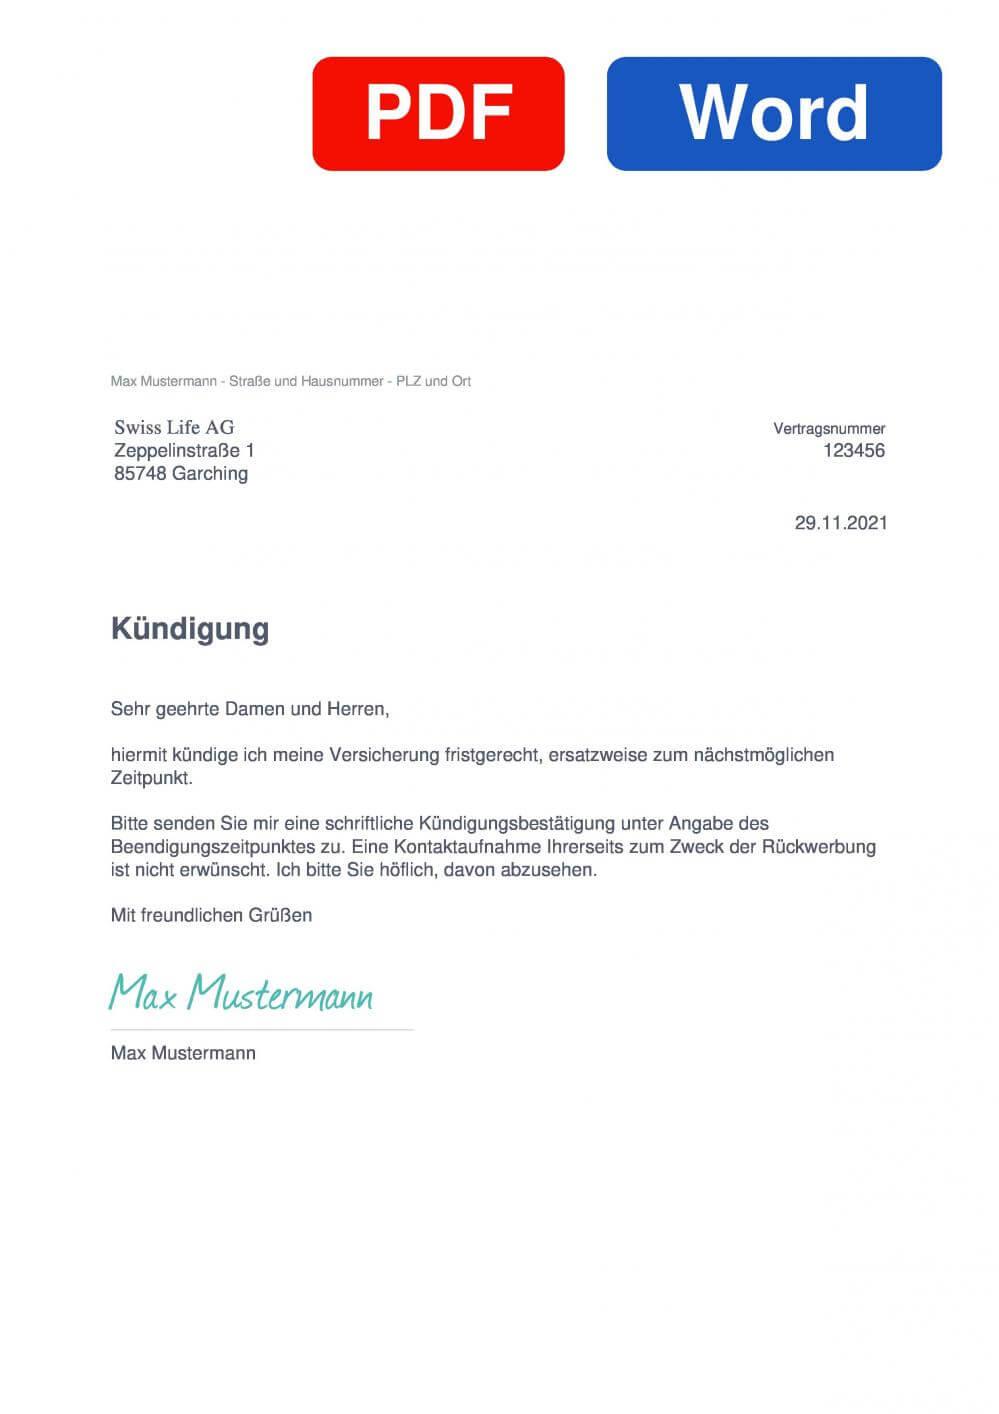 Swiss Life Fondsgebundene Rentenversicherung Muster Vorlage für Kündigungsschreiben